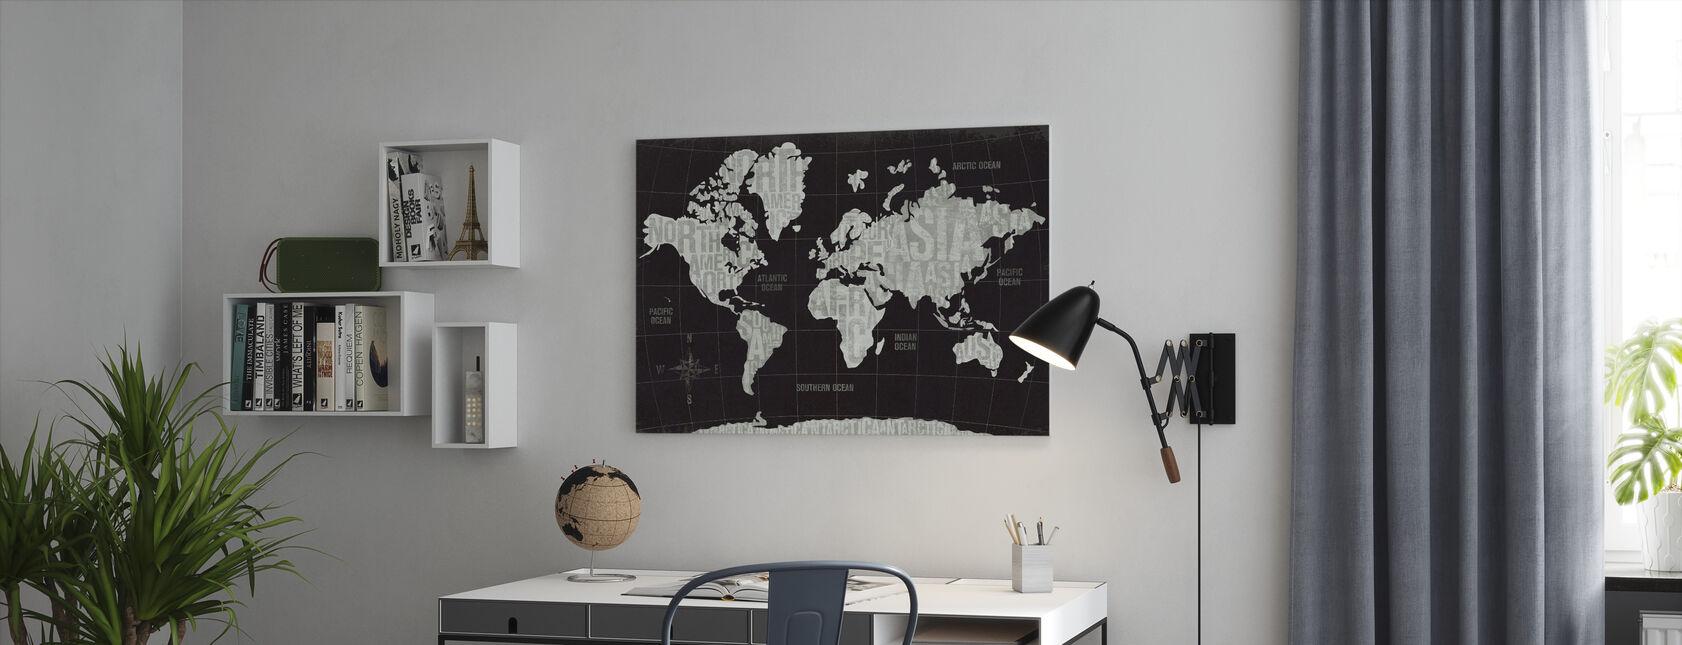 Moderne Verden Sort - Billede på lærred - Kontor